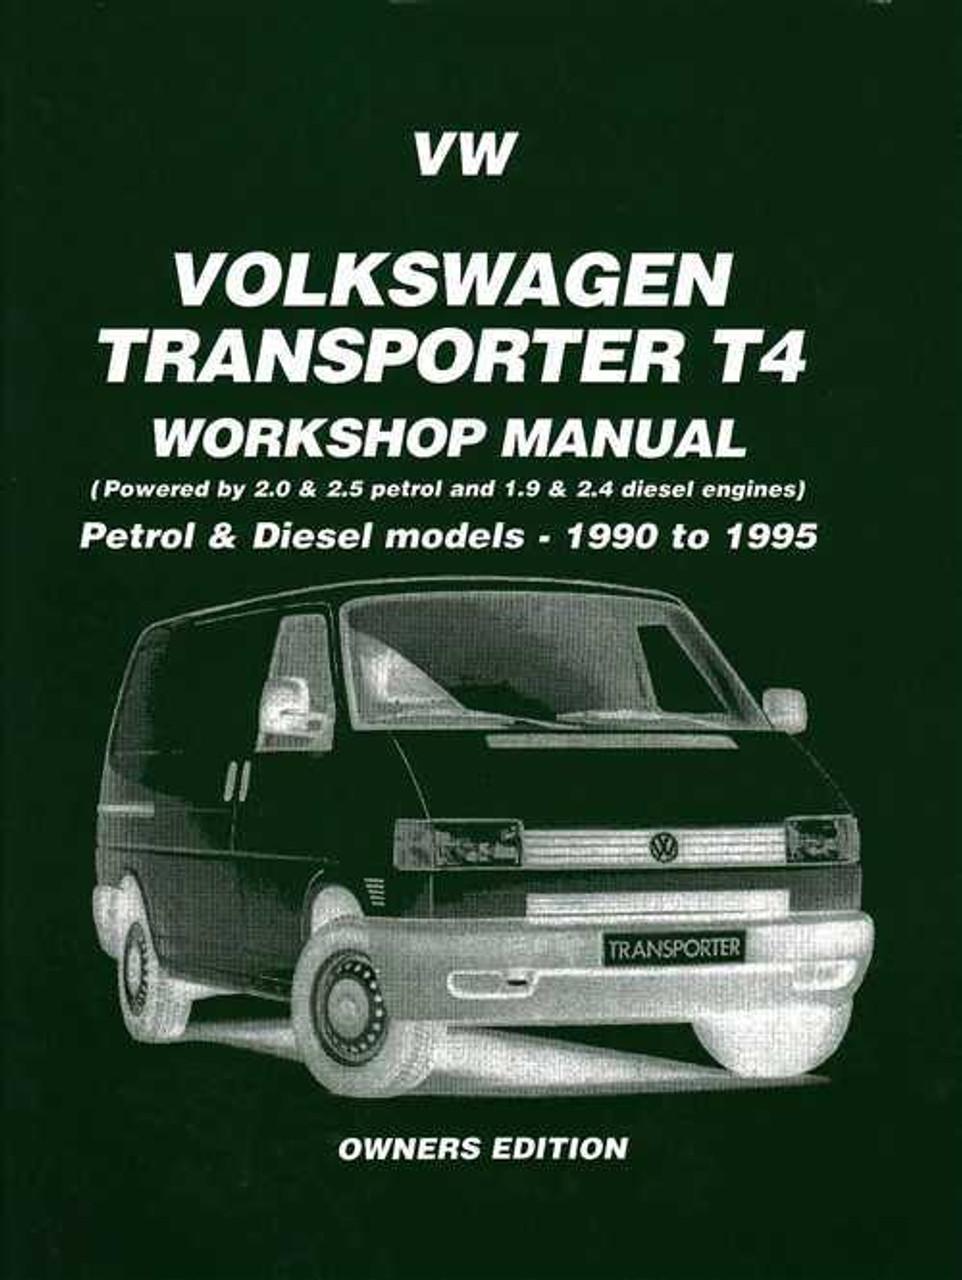 volkswagen transporter t4 1990 1995 workshop manual rh automotobookshop com au VW Caravelle Internal Inside VW Caravelle